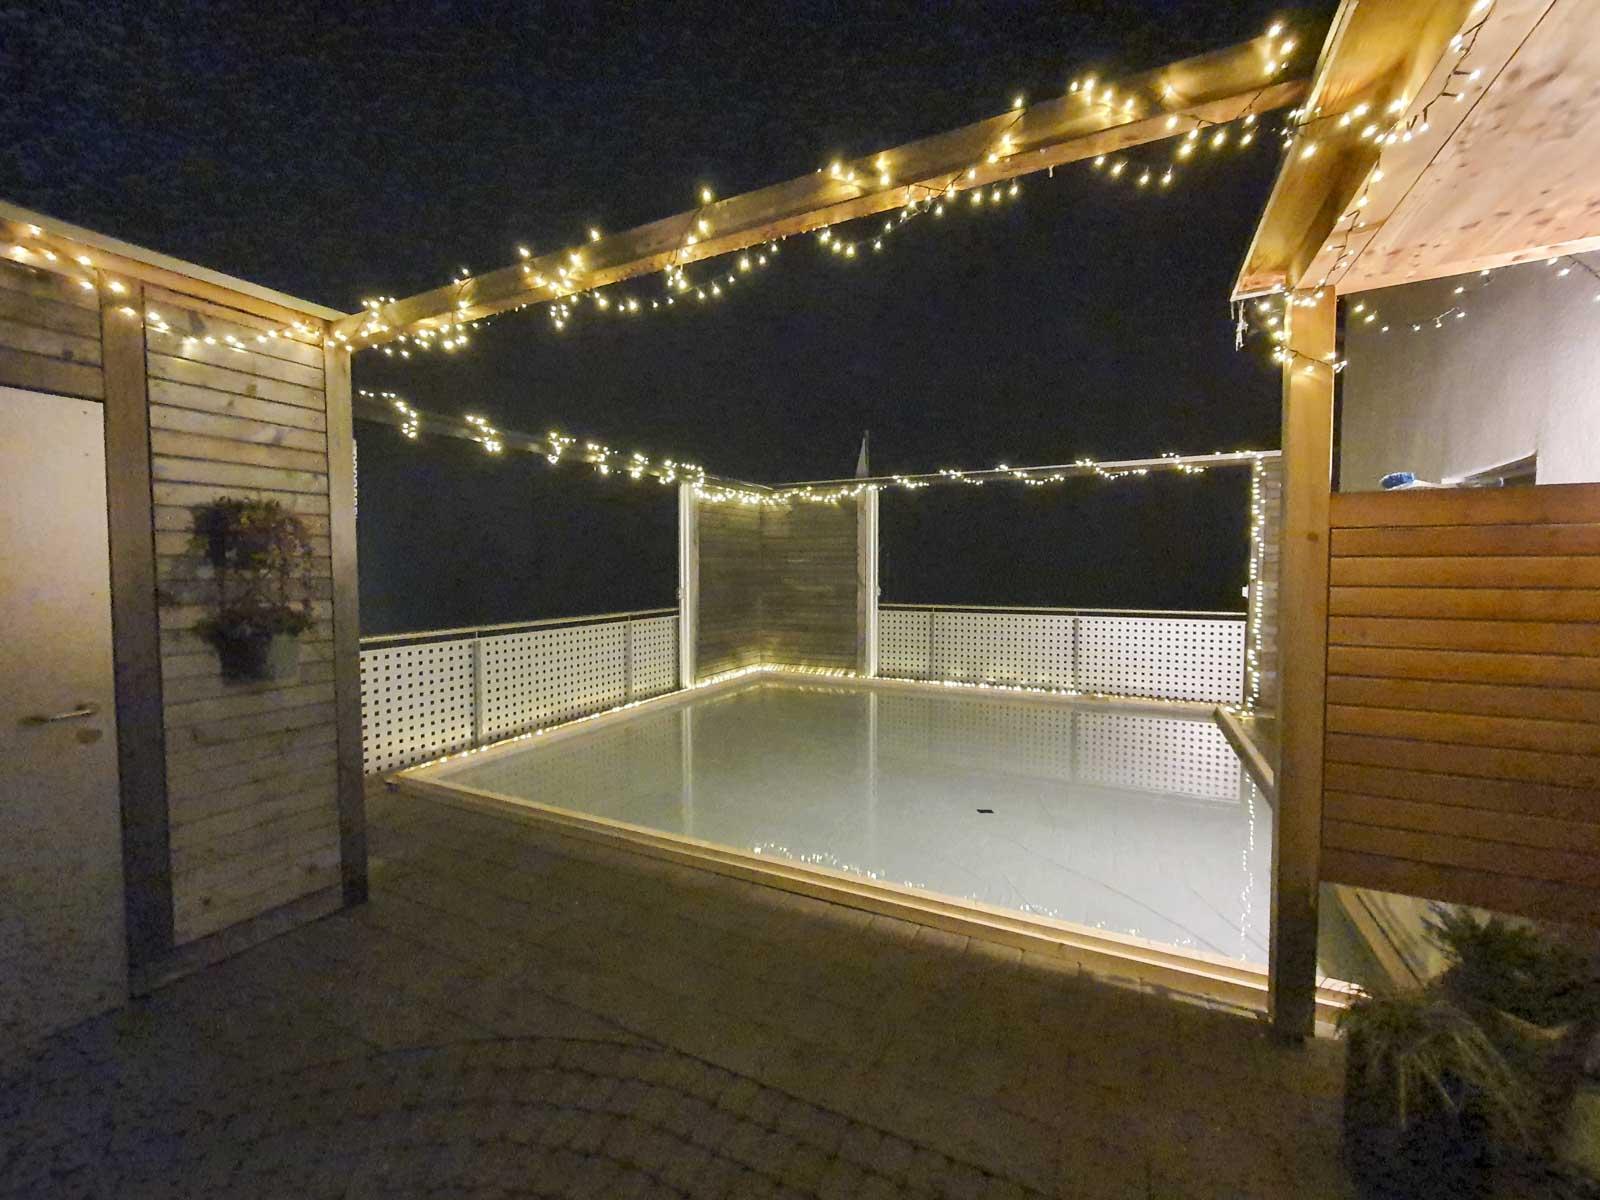 Wooddesign_Terrassengestaltung_Spielplatz_Eisfeld_ Naturholz_Lärchenholz vergraut_Aussenbeleuchtung (1)